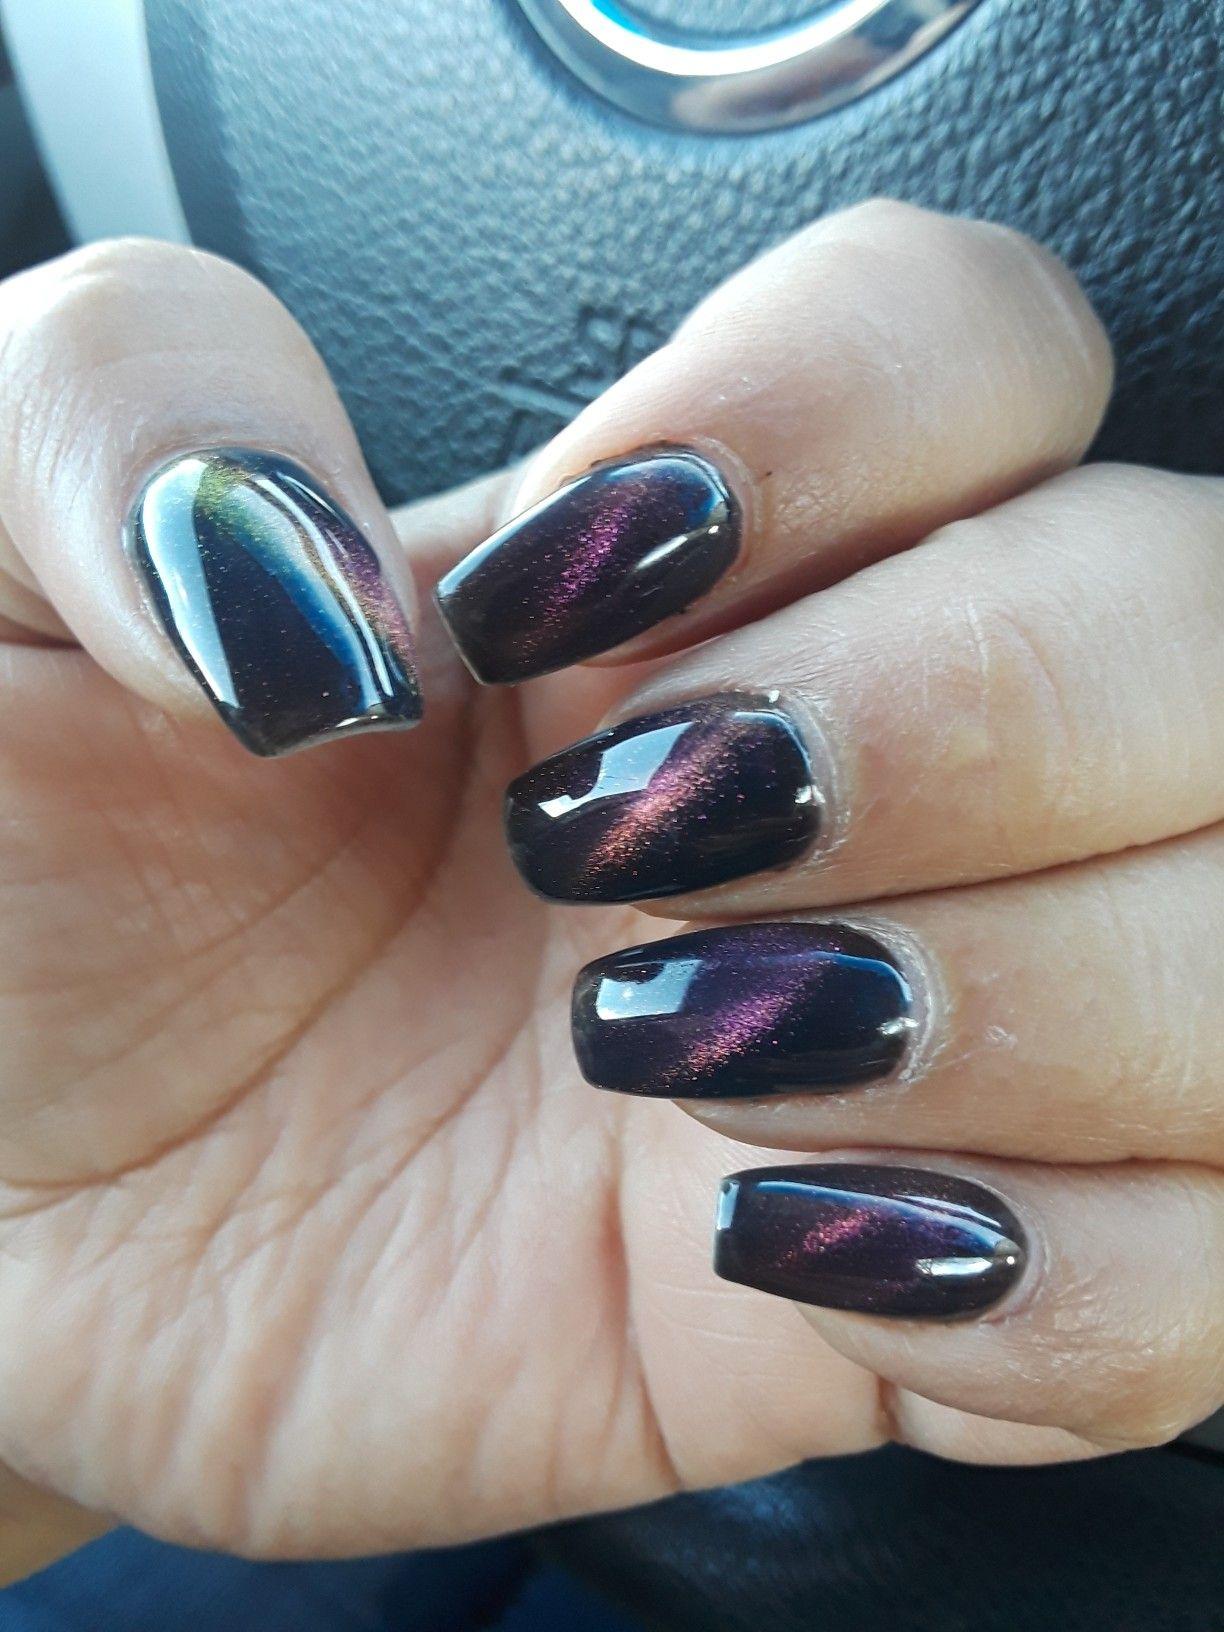 Cateye Rainbow Nails Nail Designs Acrylic Nail Designs